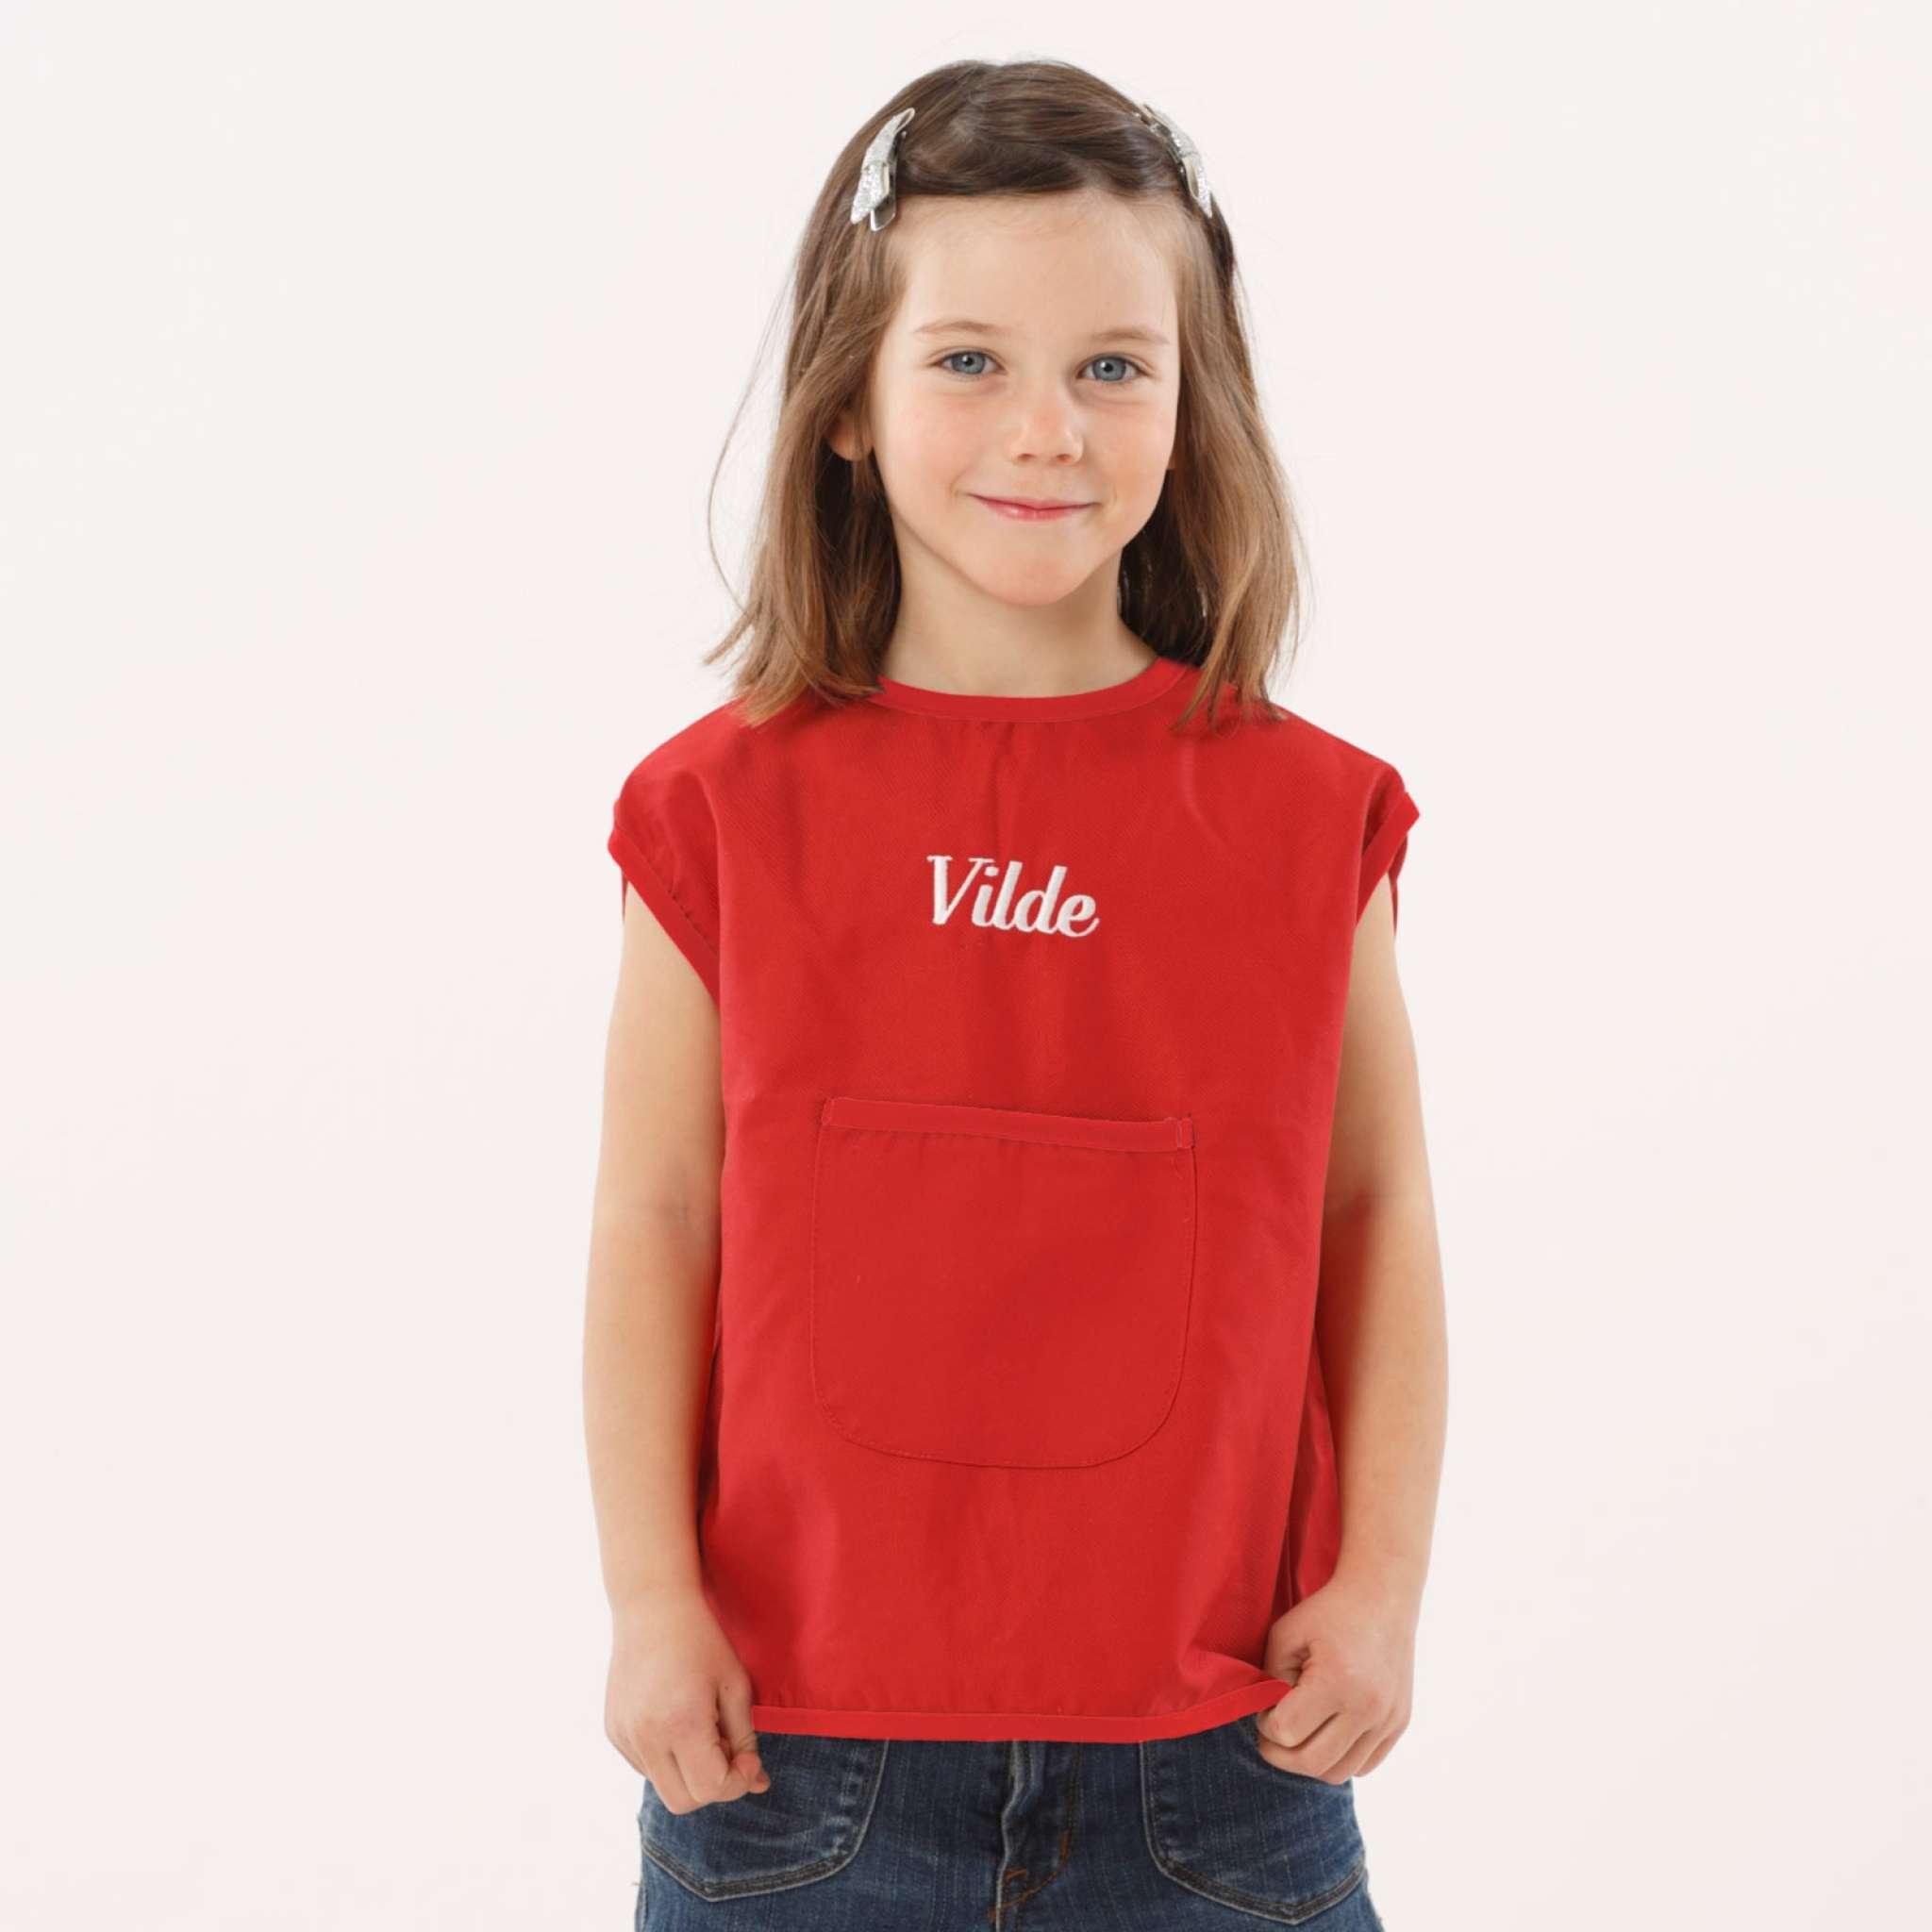 Pure Förkläde Kids, 1-4 år